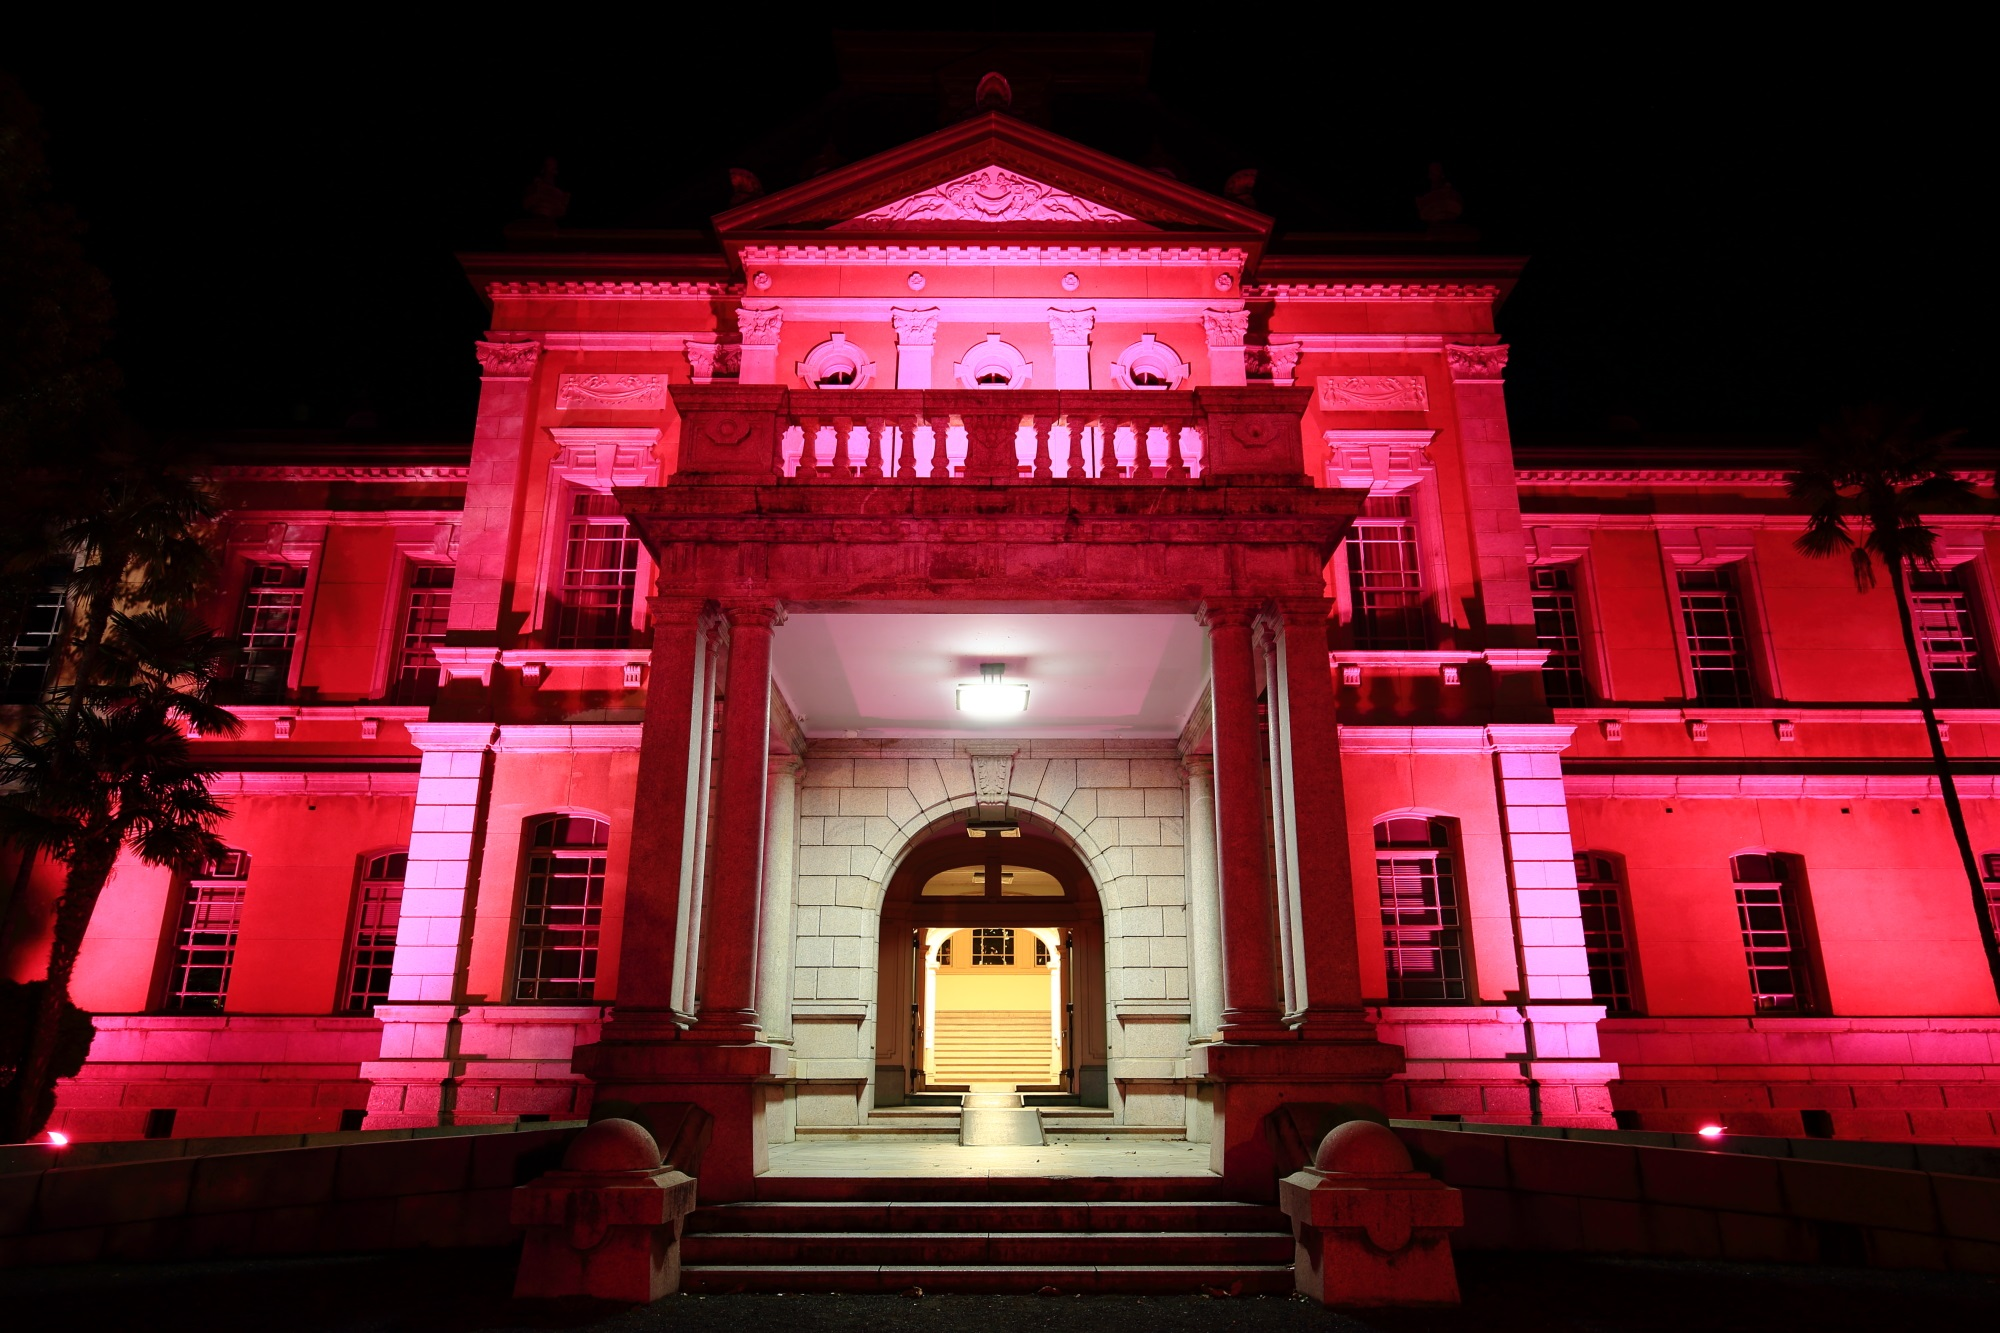 ピンクリボン活動の京都府庁旧本館のピンクのライトアップ